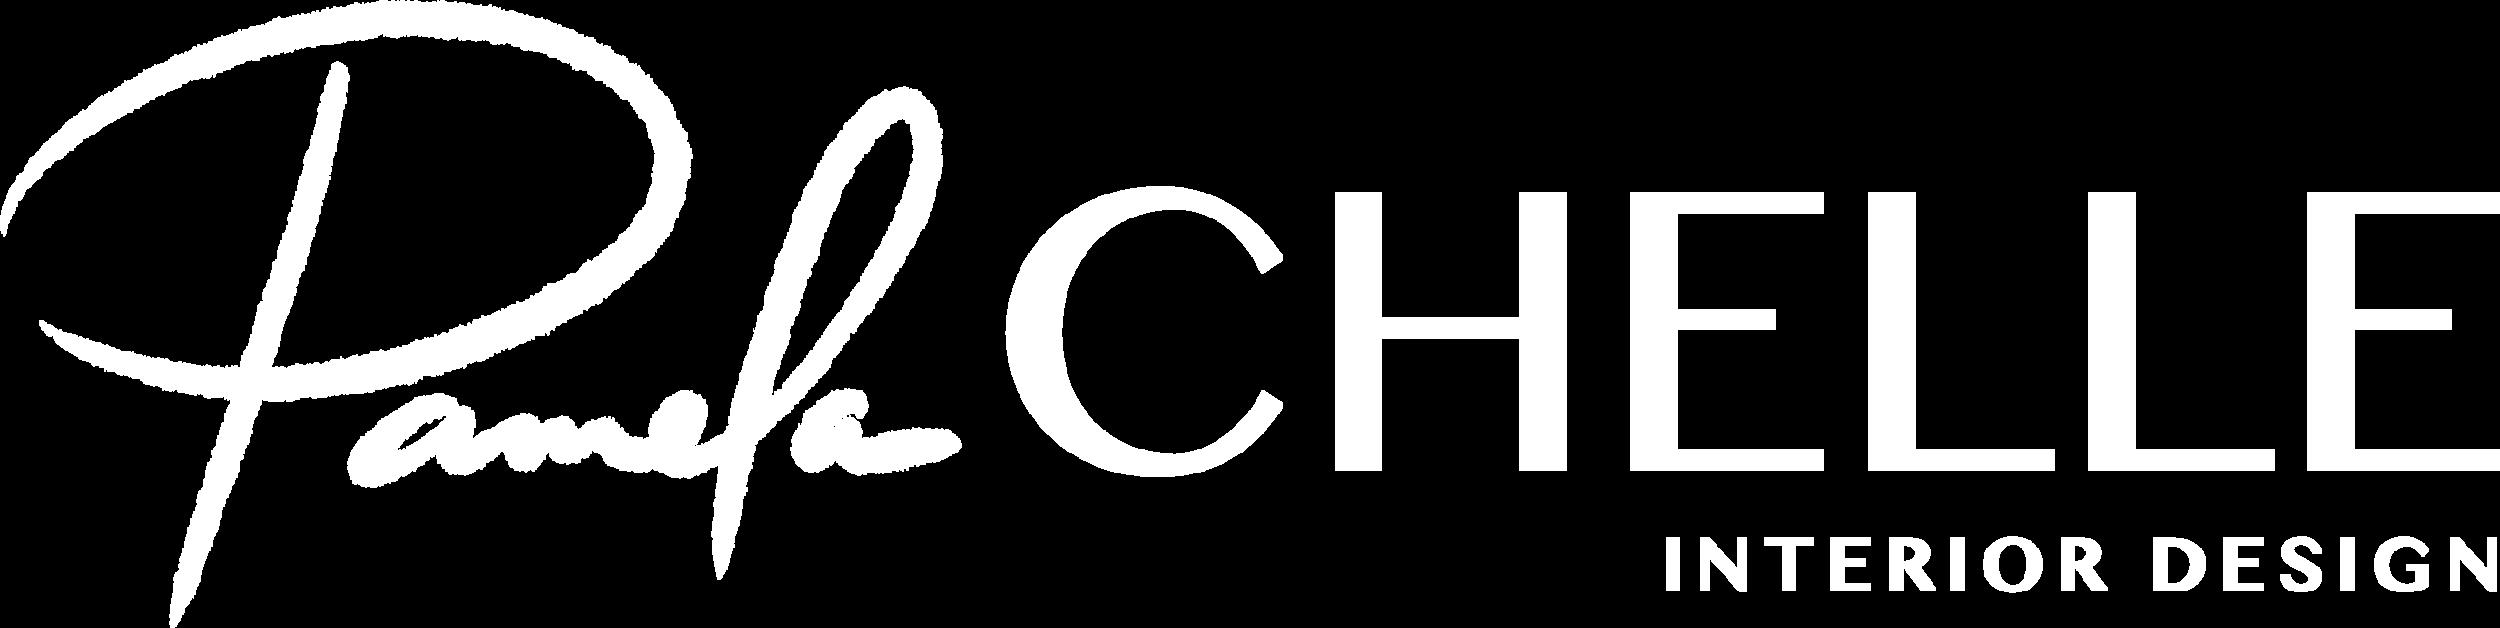 PamelaChelle-Logo-Final-White.png